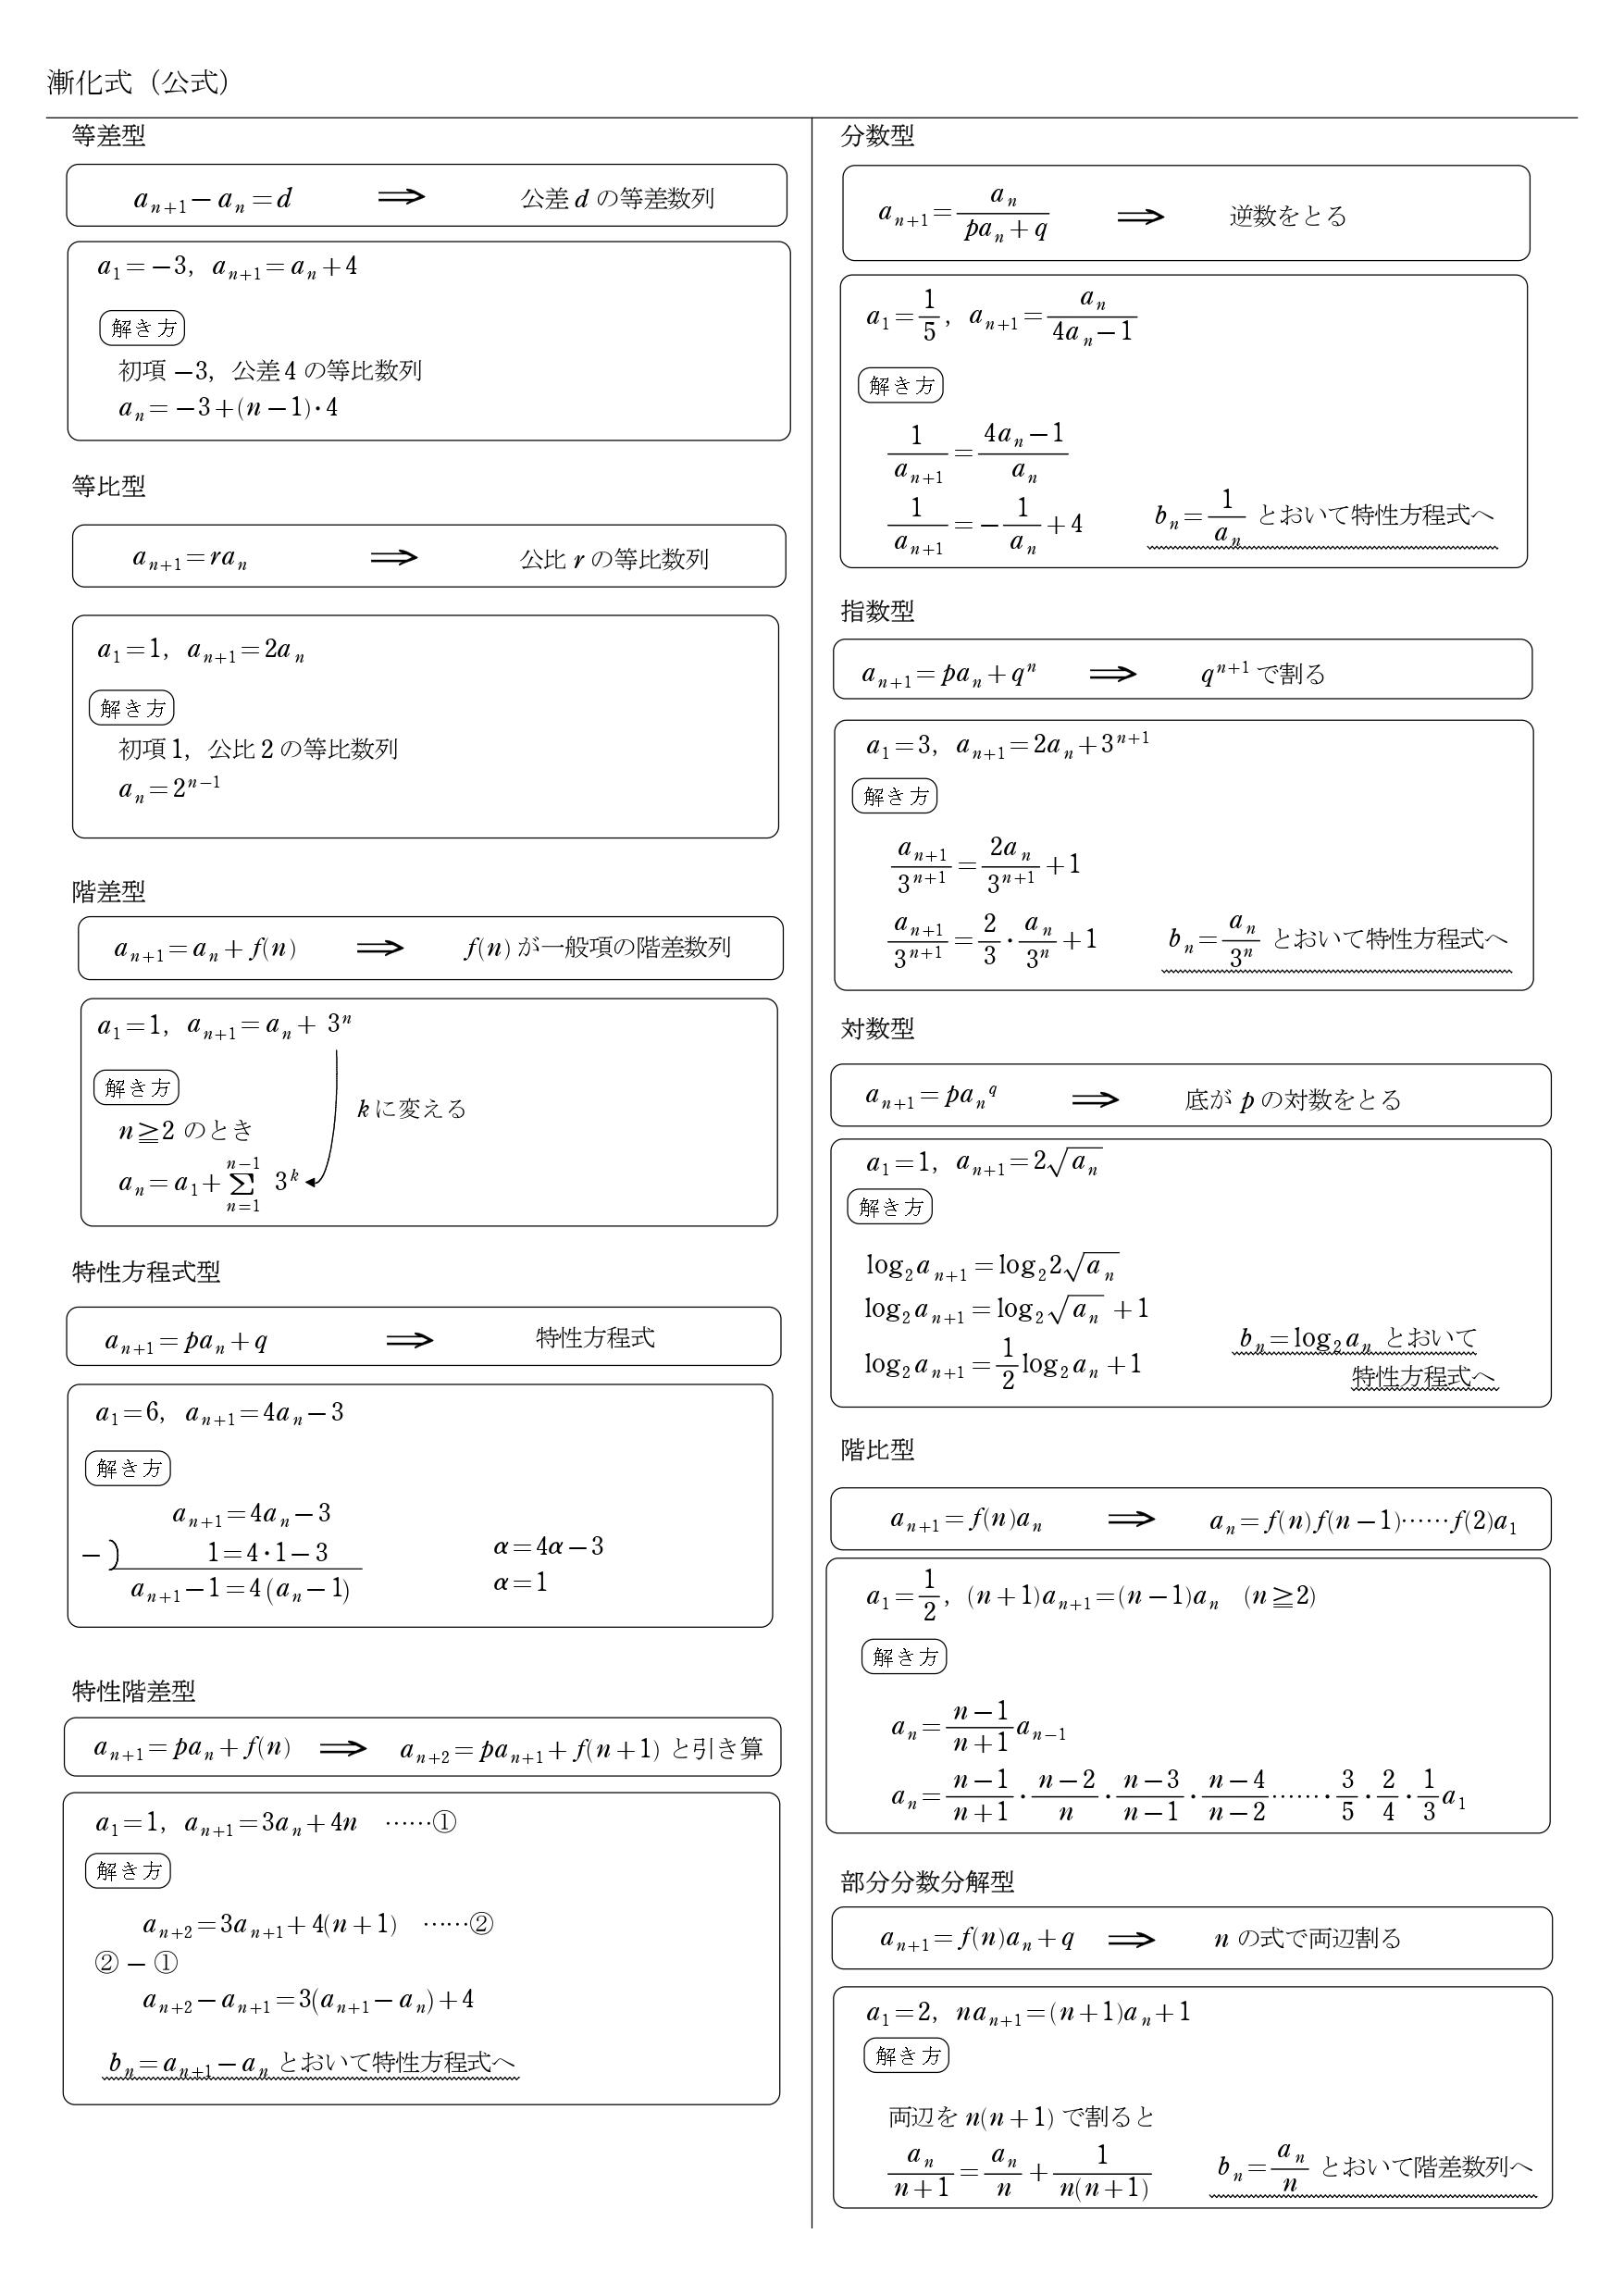 数B 漸化式 まとめ 一覧 解答 公式